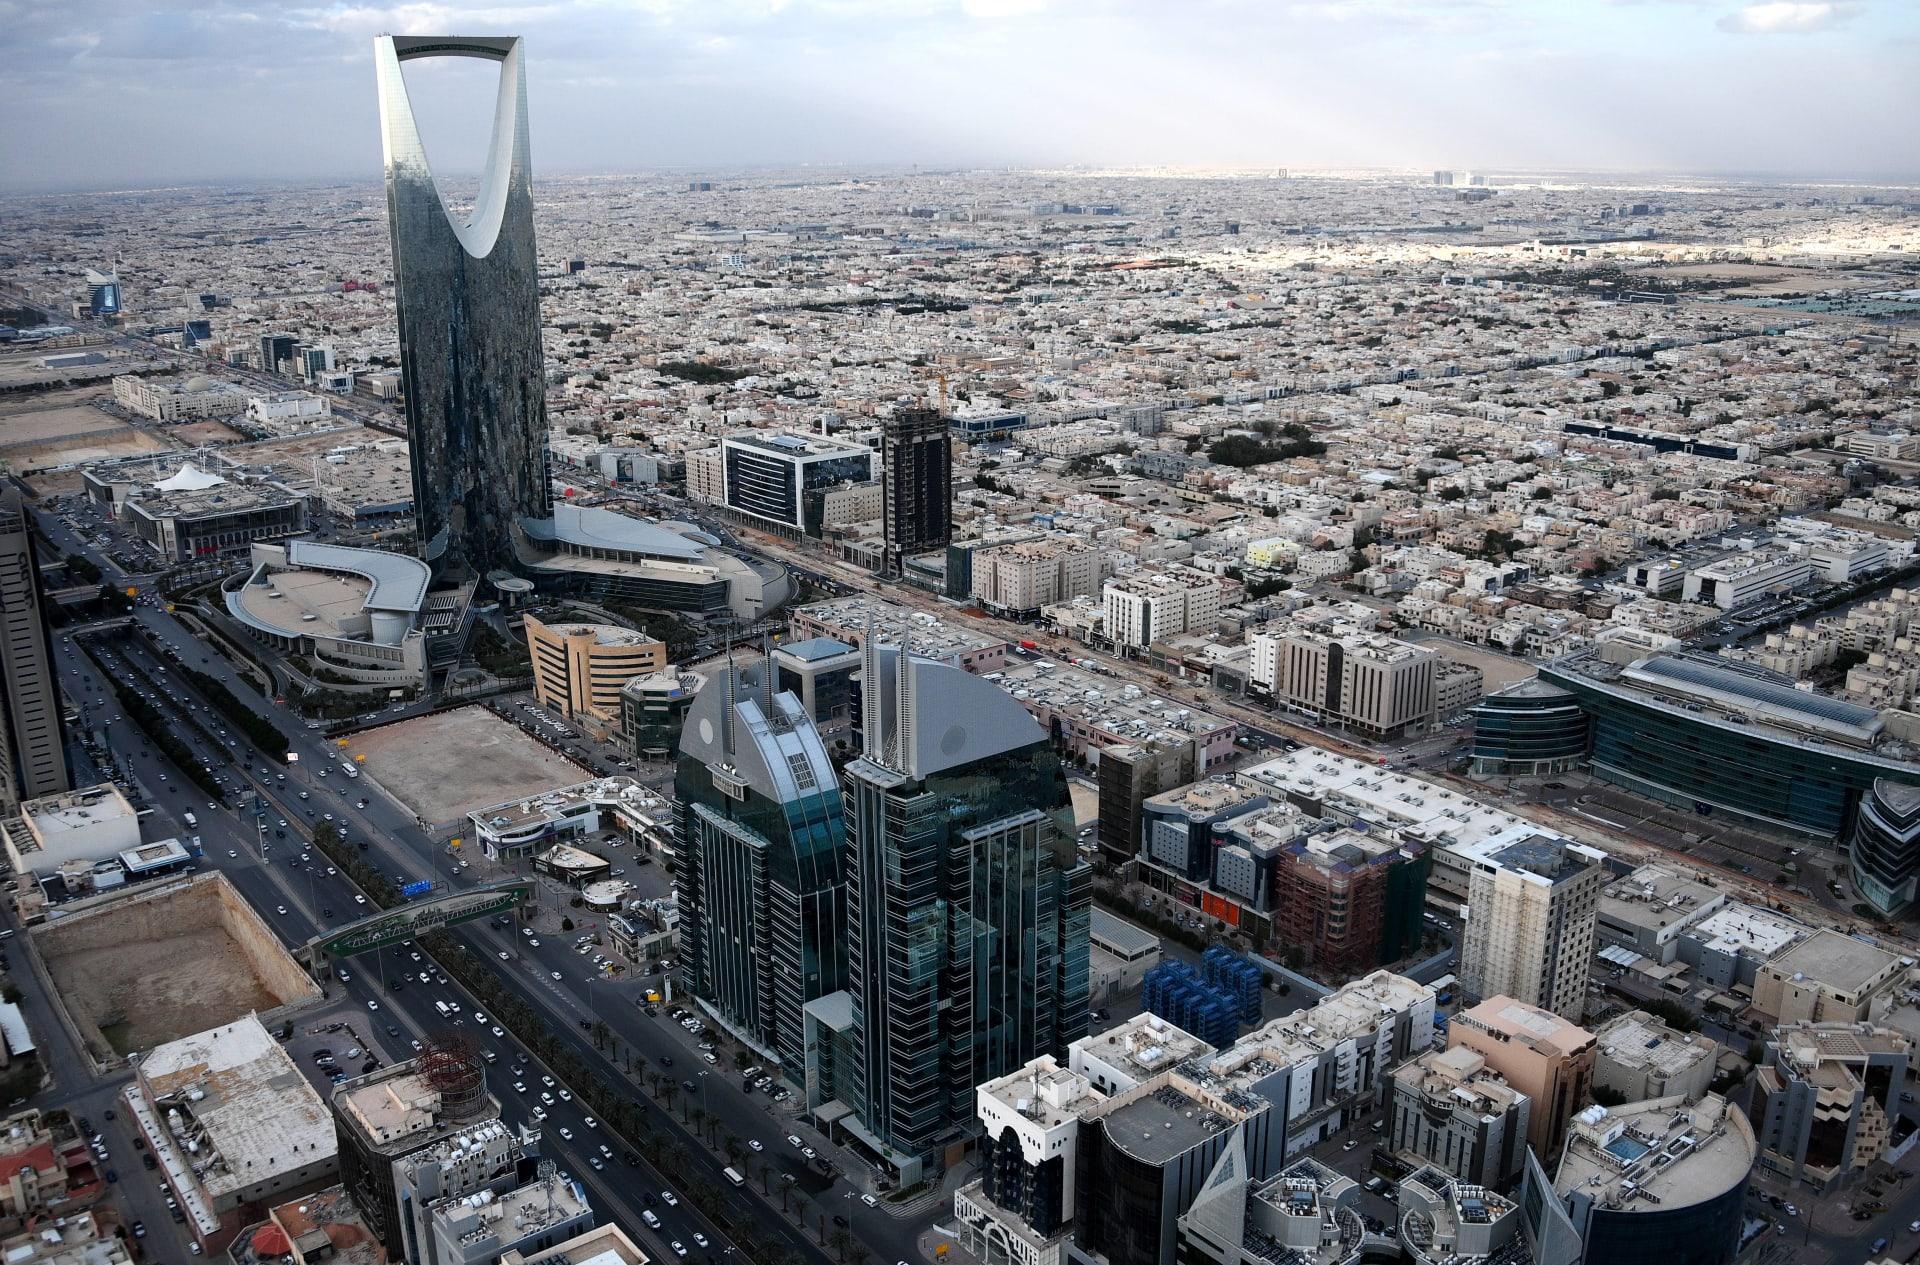 """القاهرة توضح تفاصيل الاعتداء على صيدلي مصري بالسعودية وتشير إلى سيارتين بـ""""أرقام كويتية"""""""